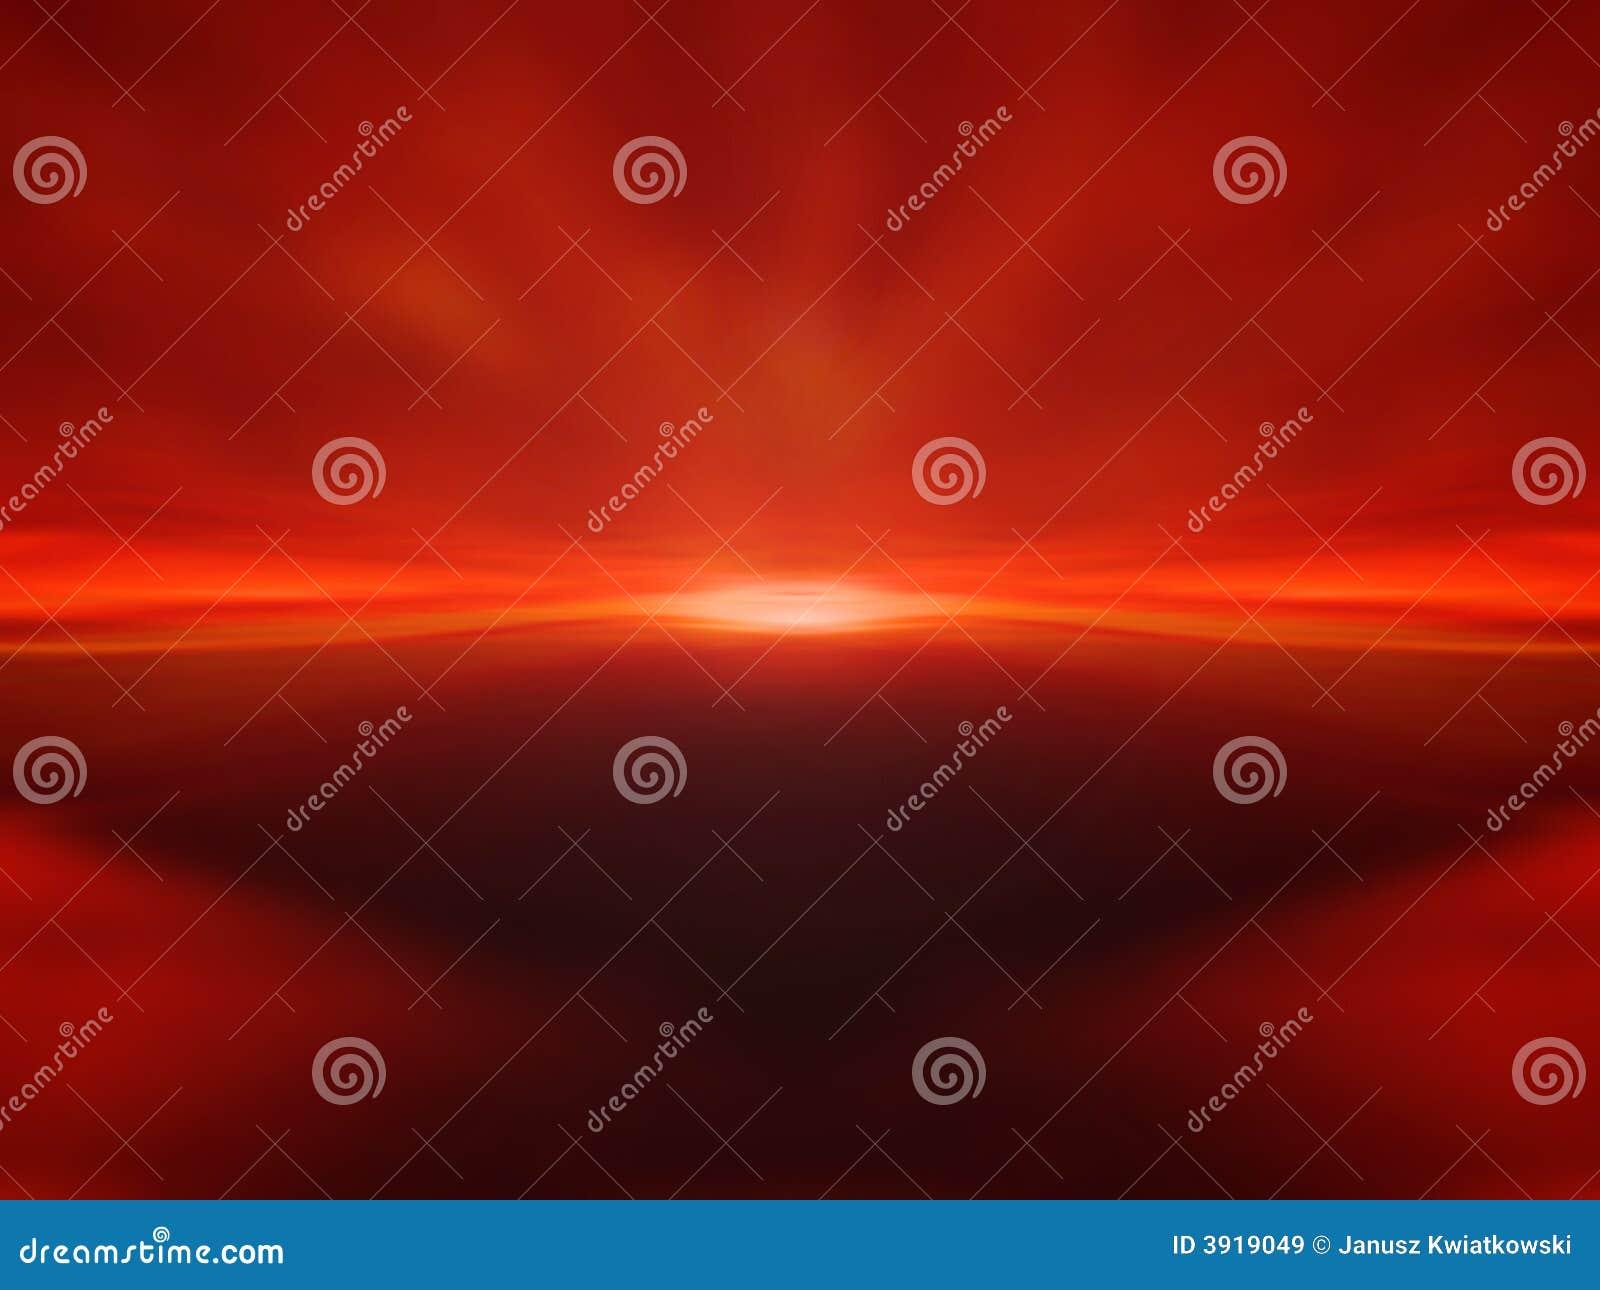 Fundo vermelho do por do sol